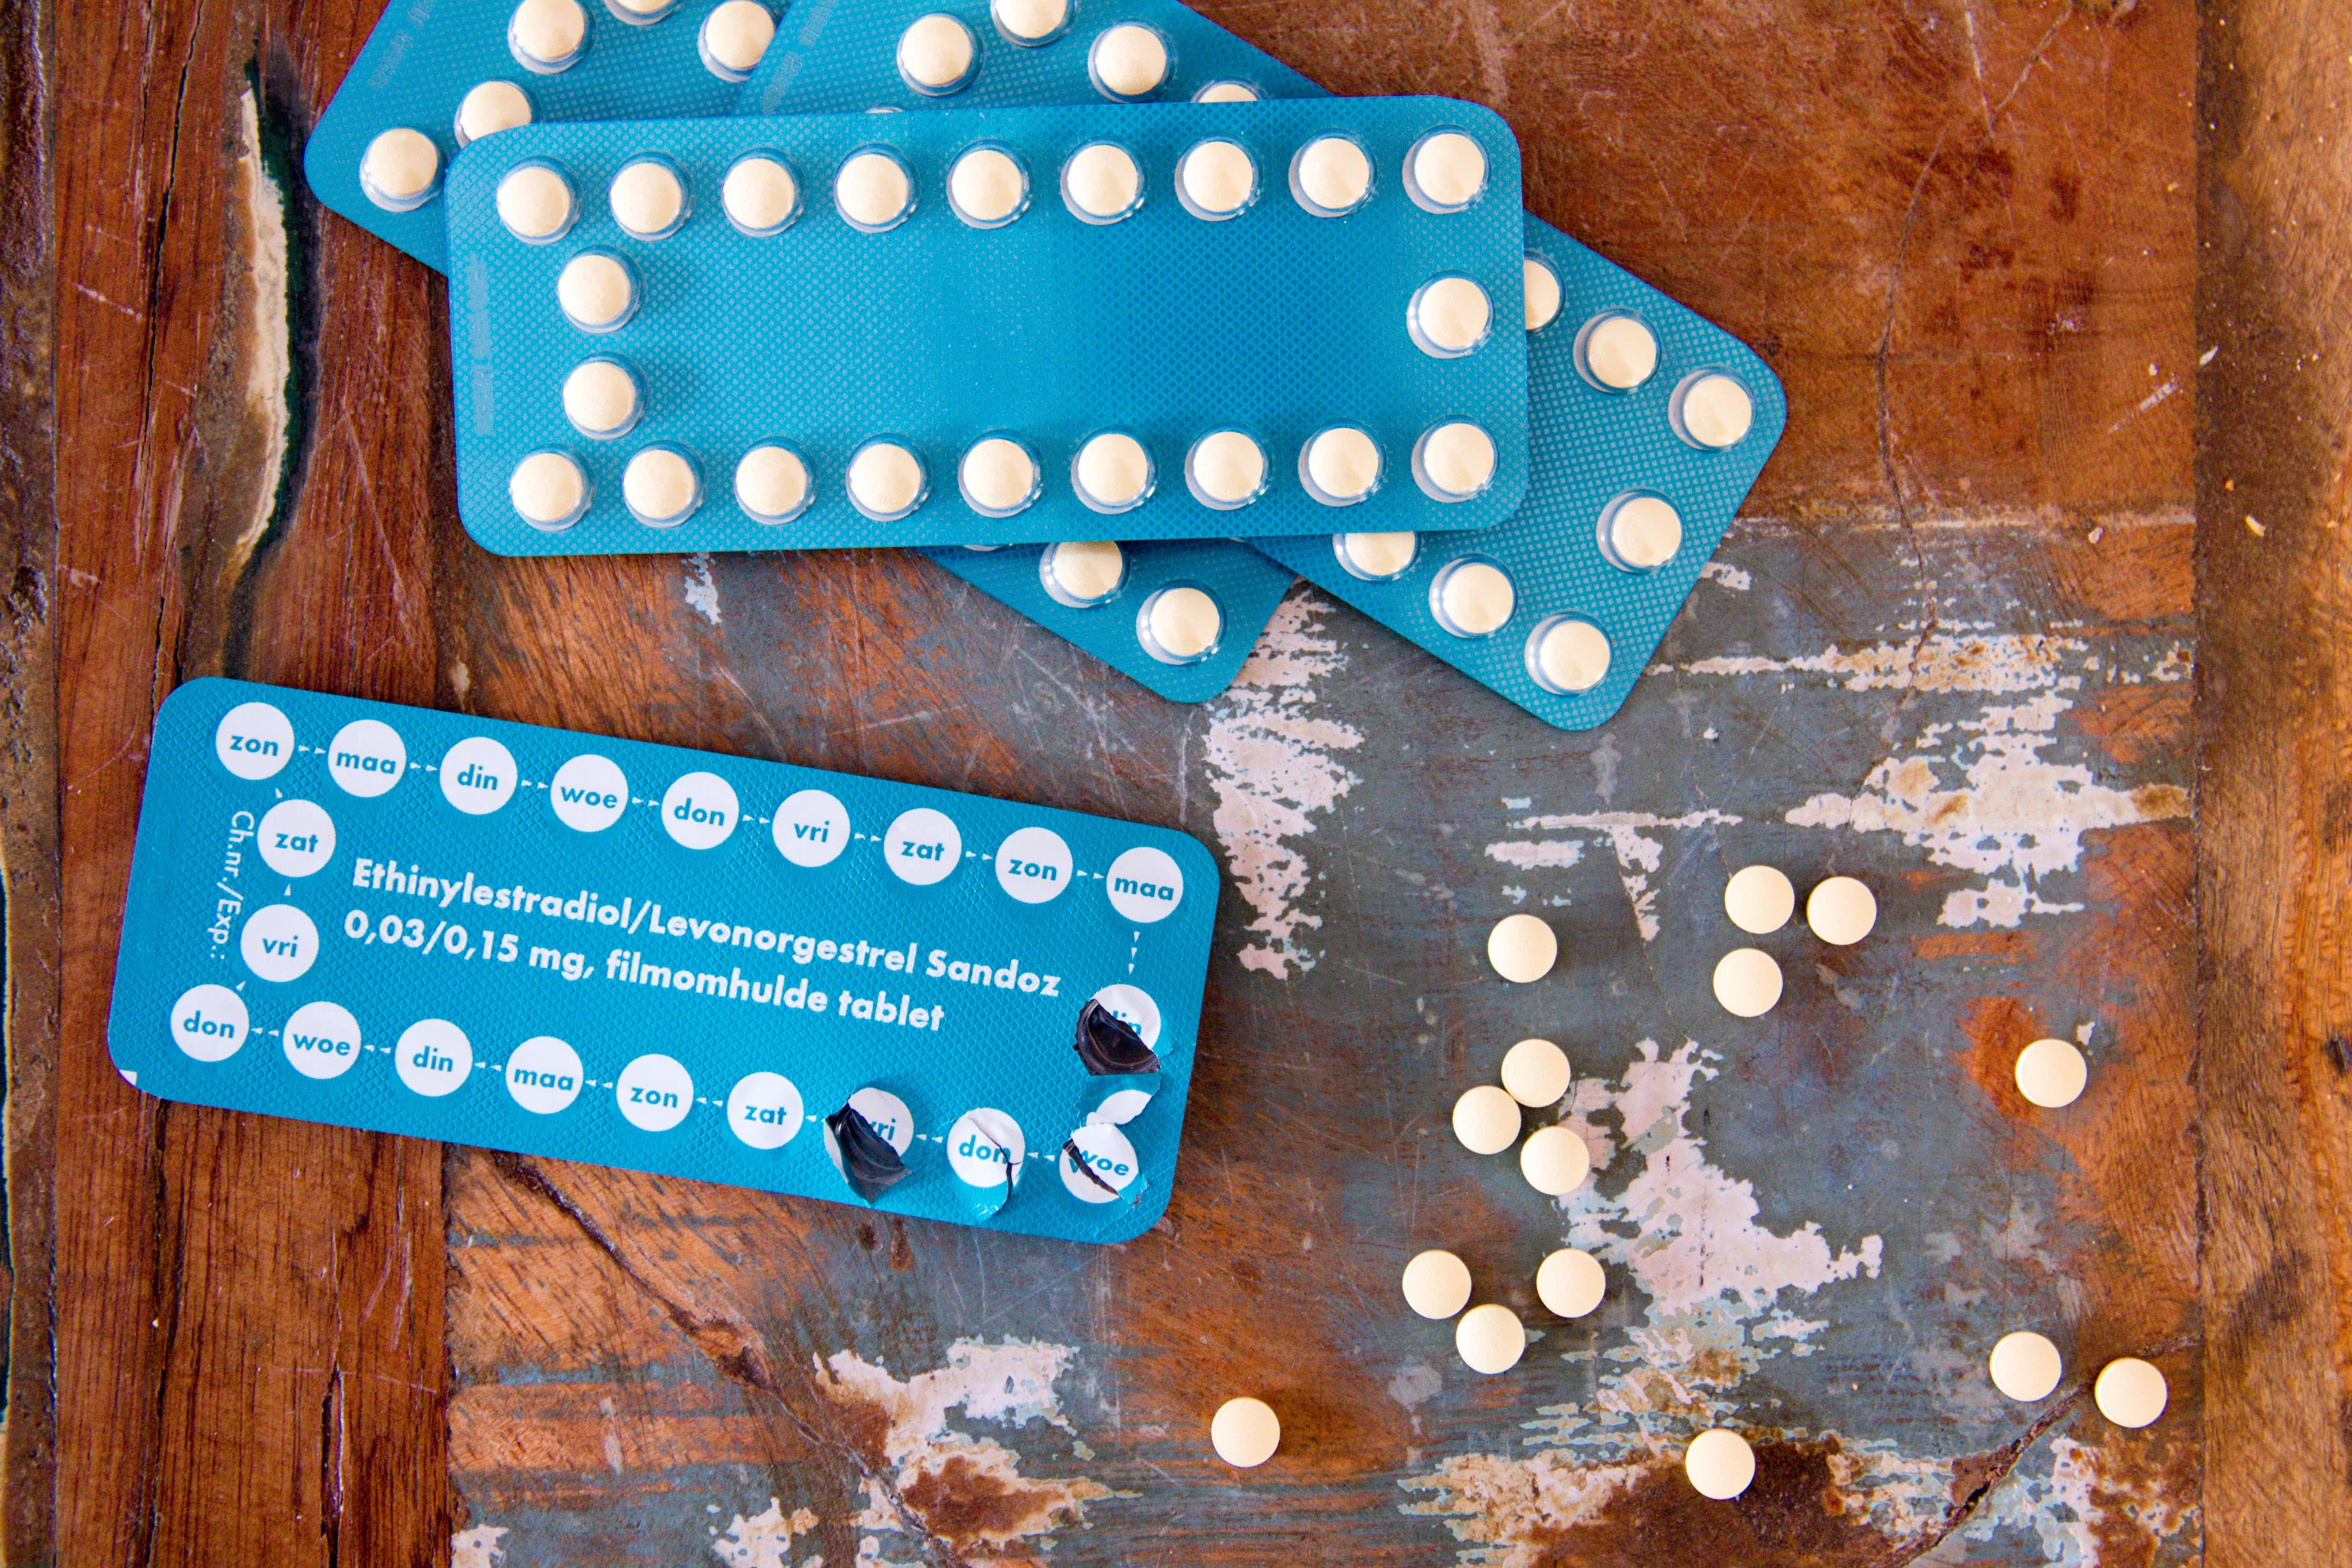 Verkehr vergessen ungeschützter pille Wie lange